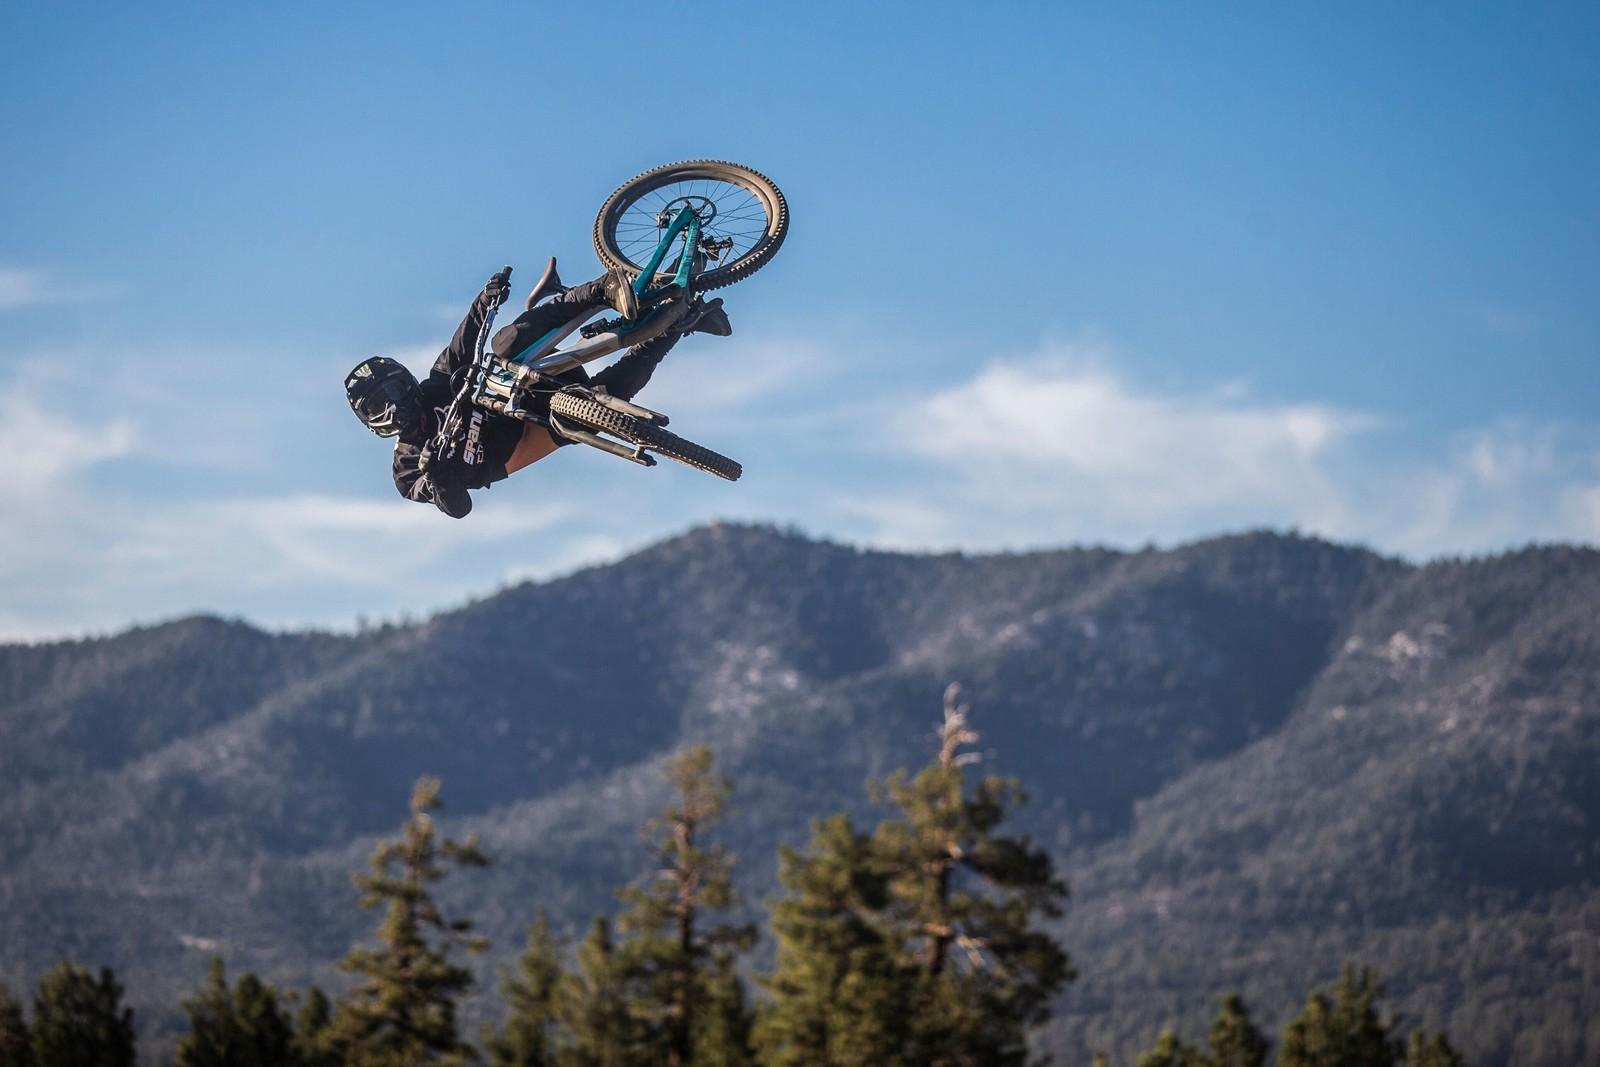 RESULTS - Qualifying, U.S. Open of Mountain Biking Downhill